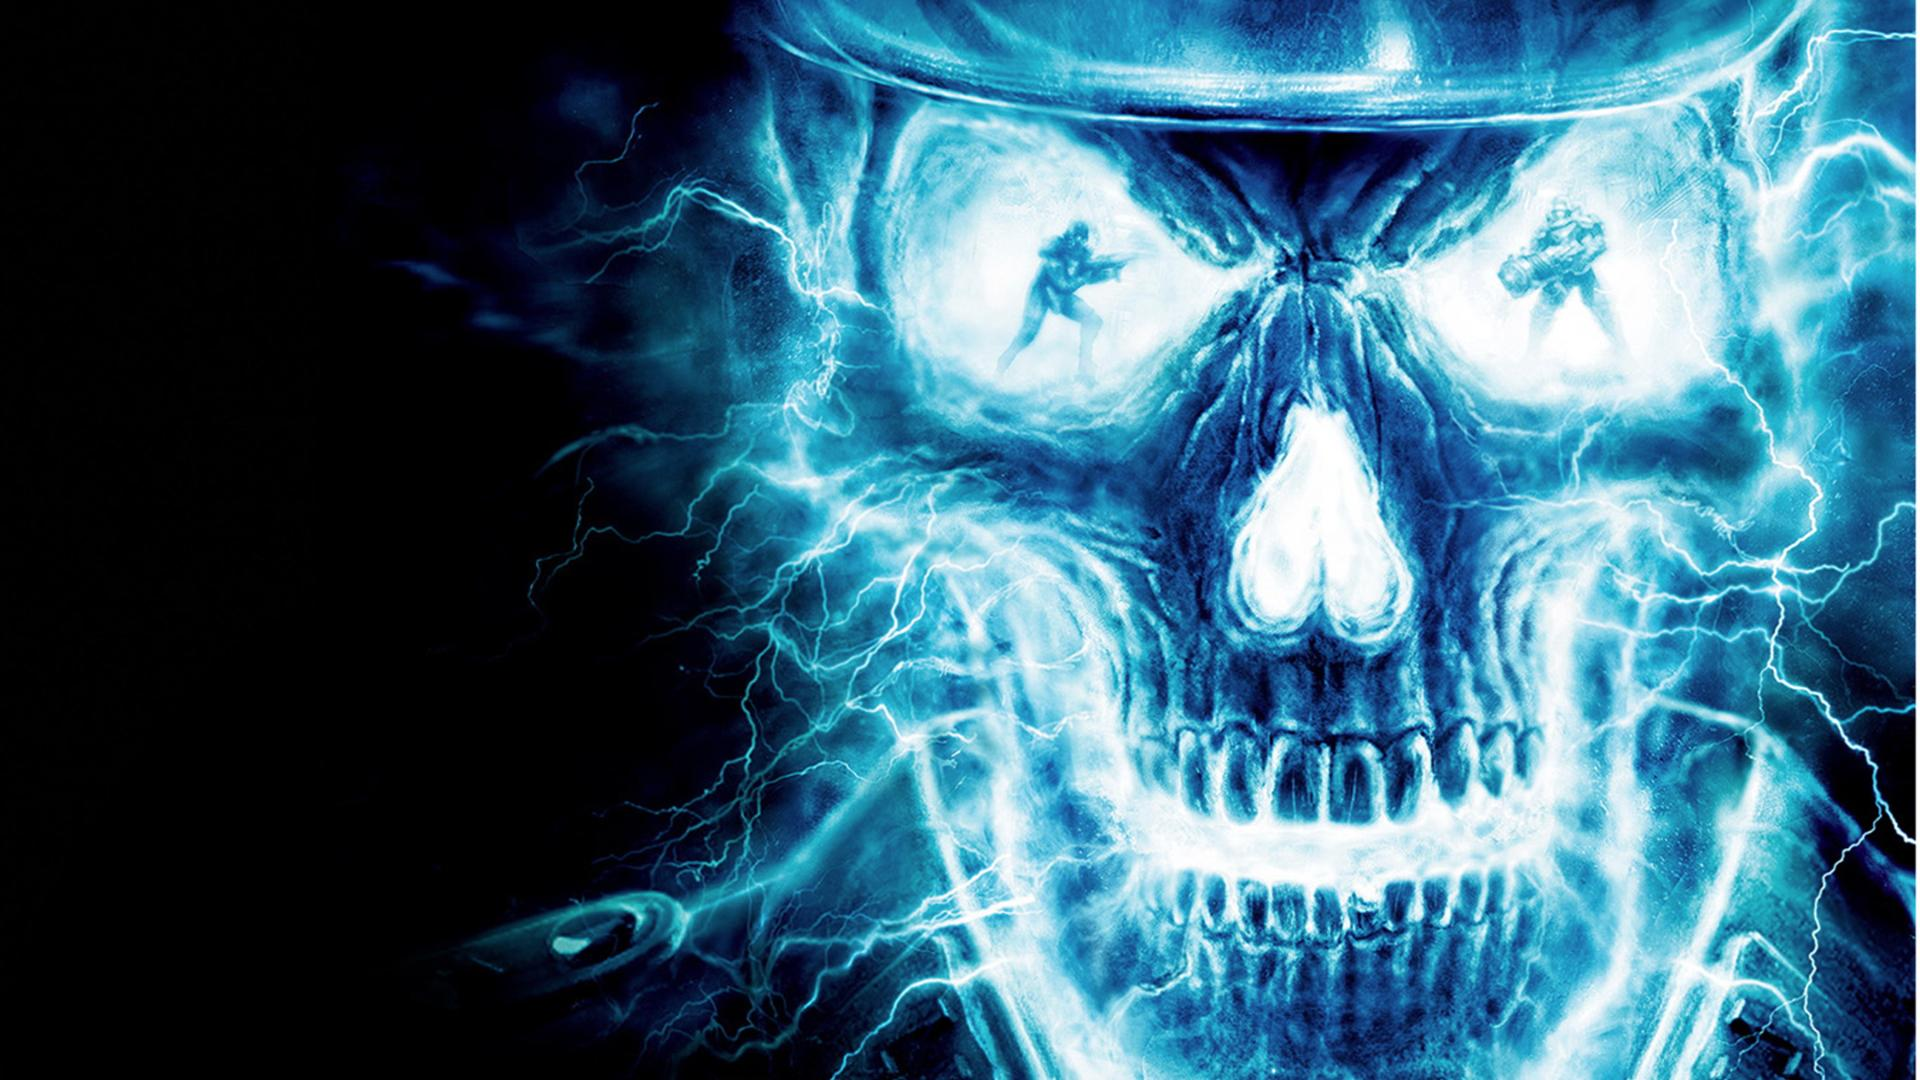 танцевальное картинки череп на синем фоне стол